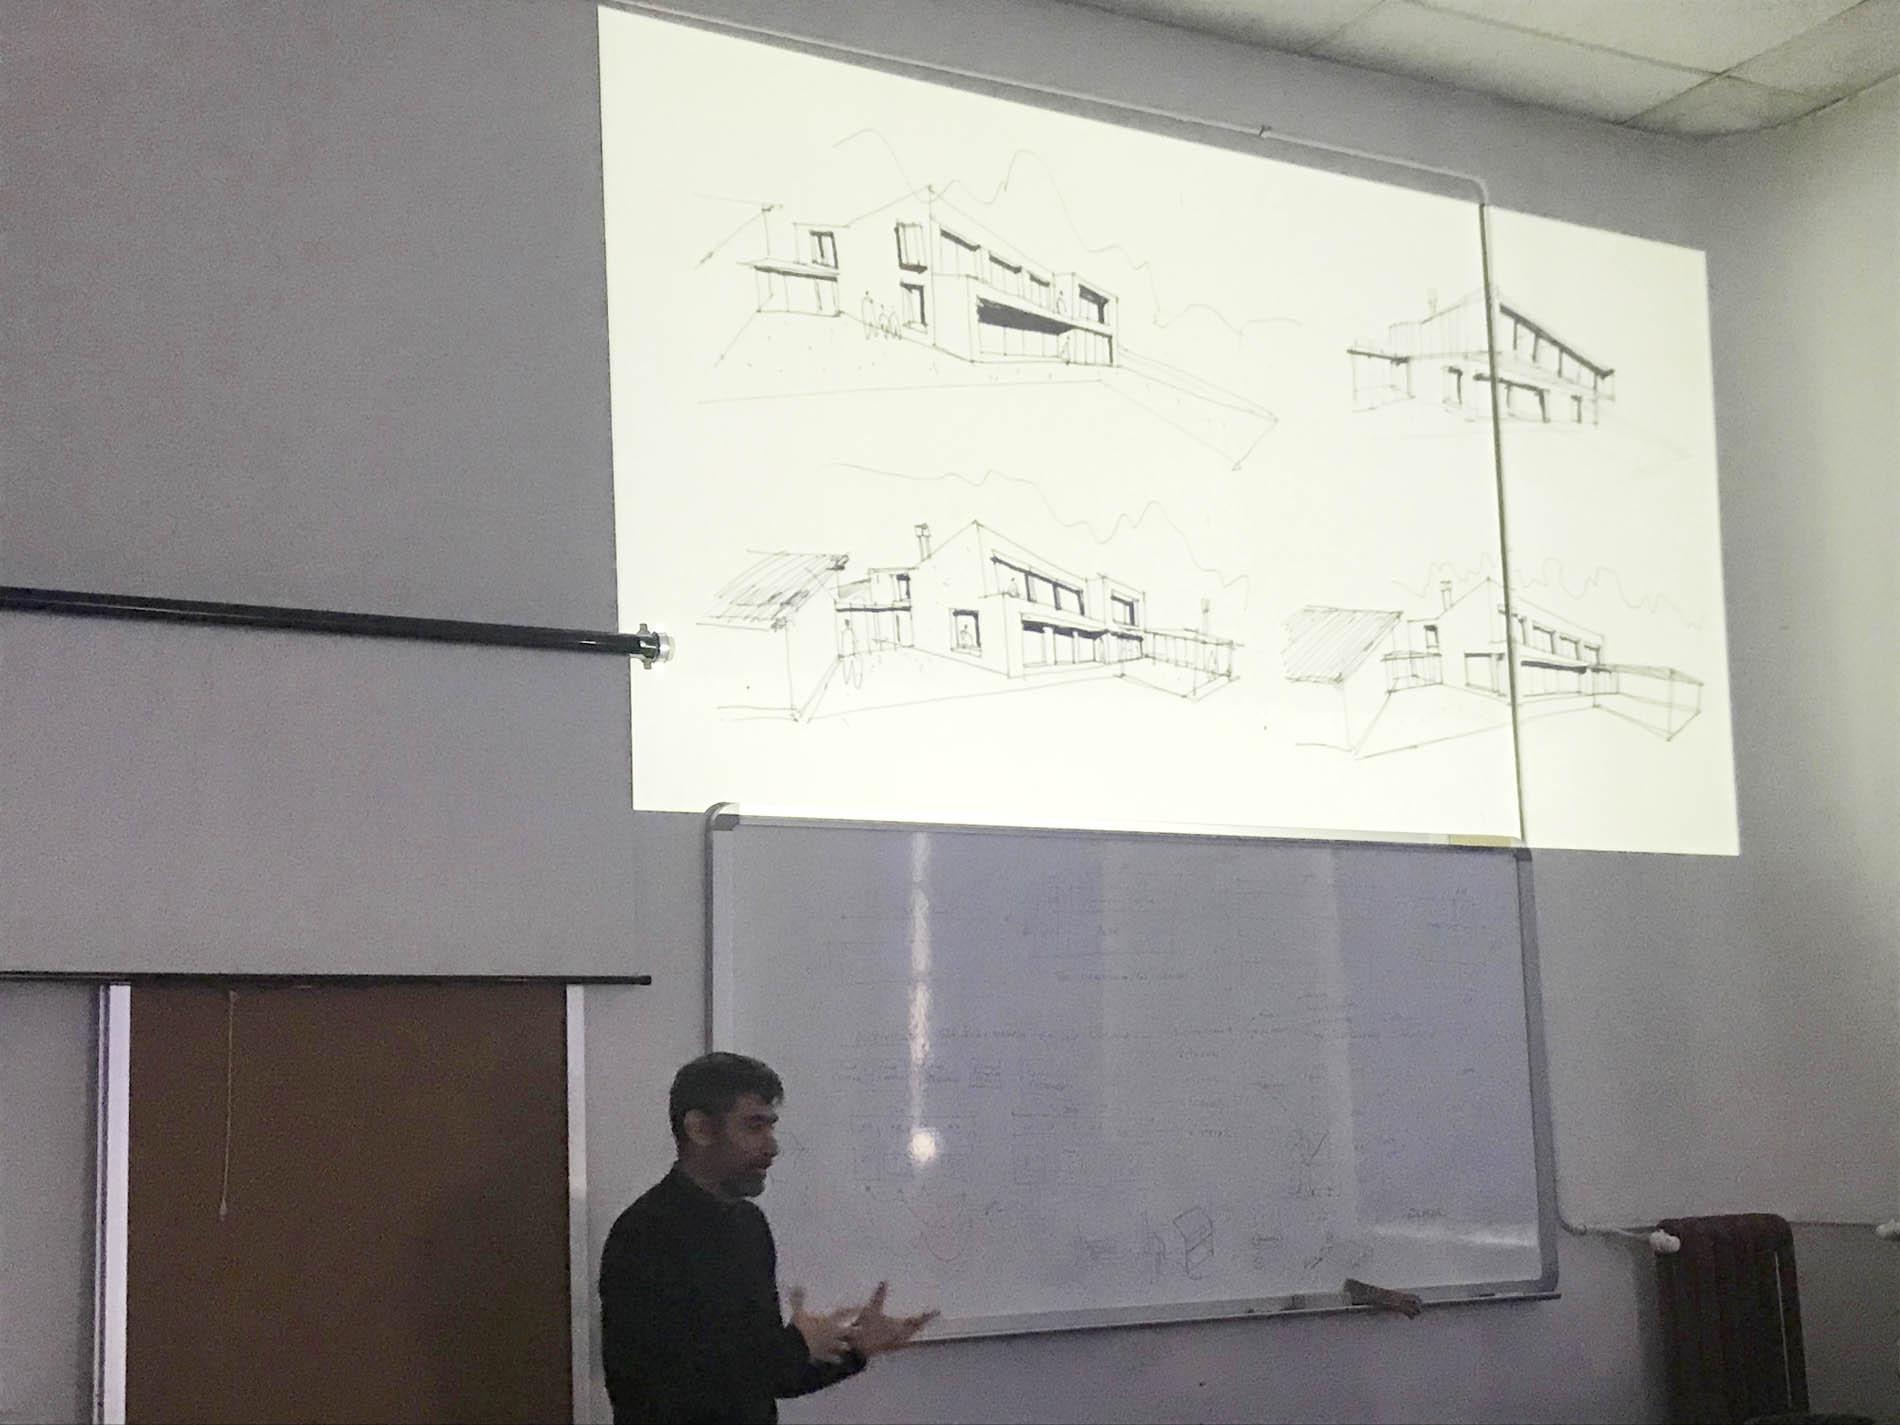 Sesión de Rodar, estudio de arquitectura y diseño, con 3º de Interiores